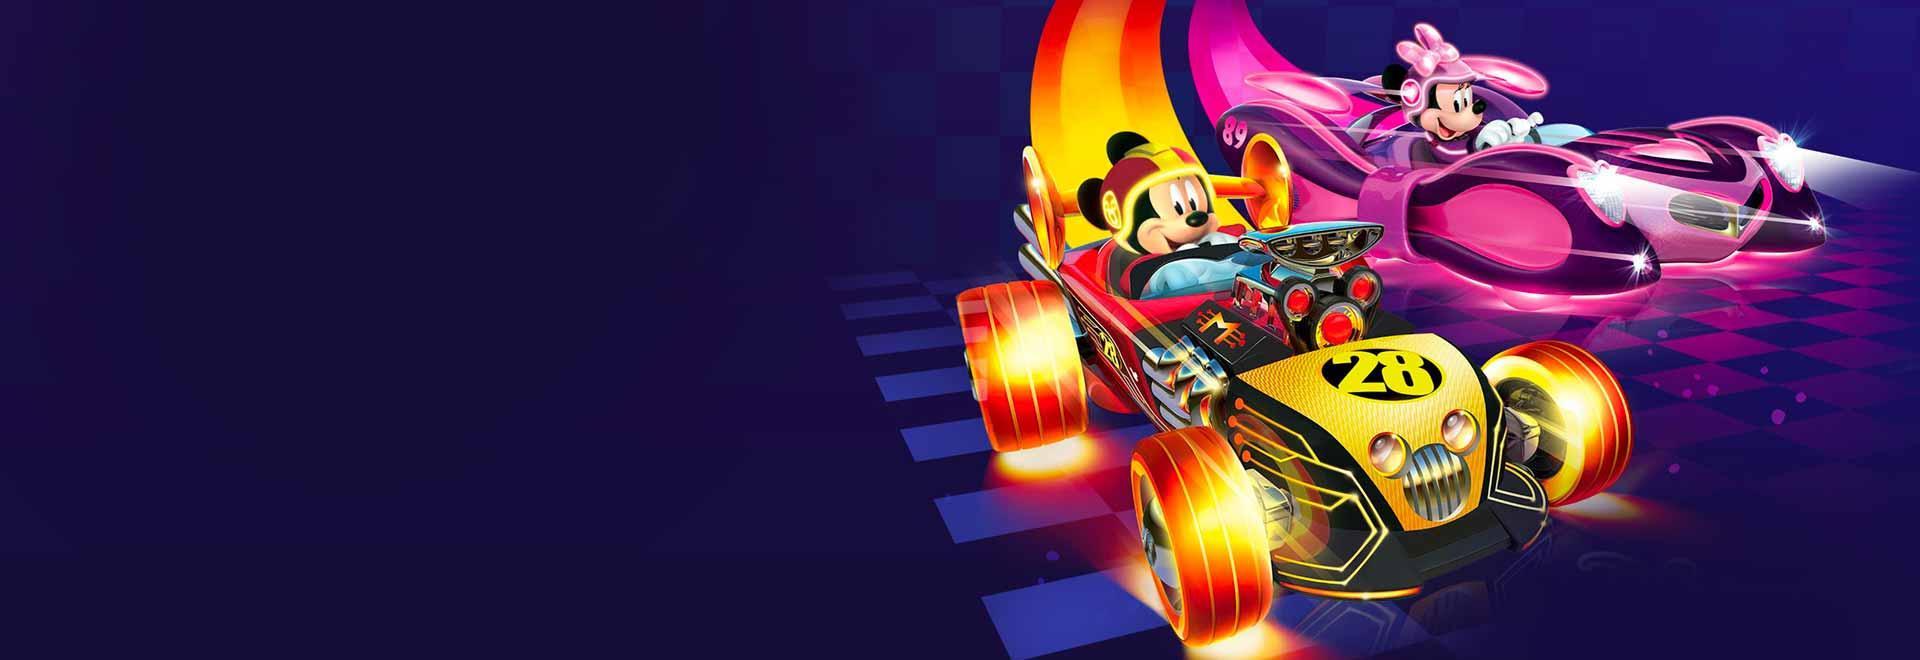 Super-Sprint! / Super-Sprint: corsa contro il mostro